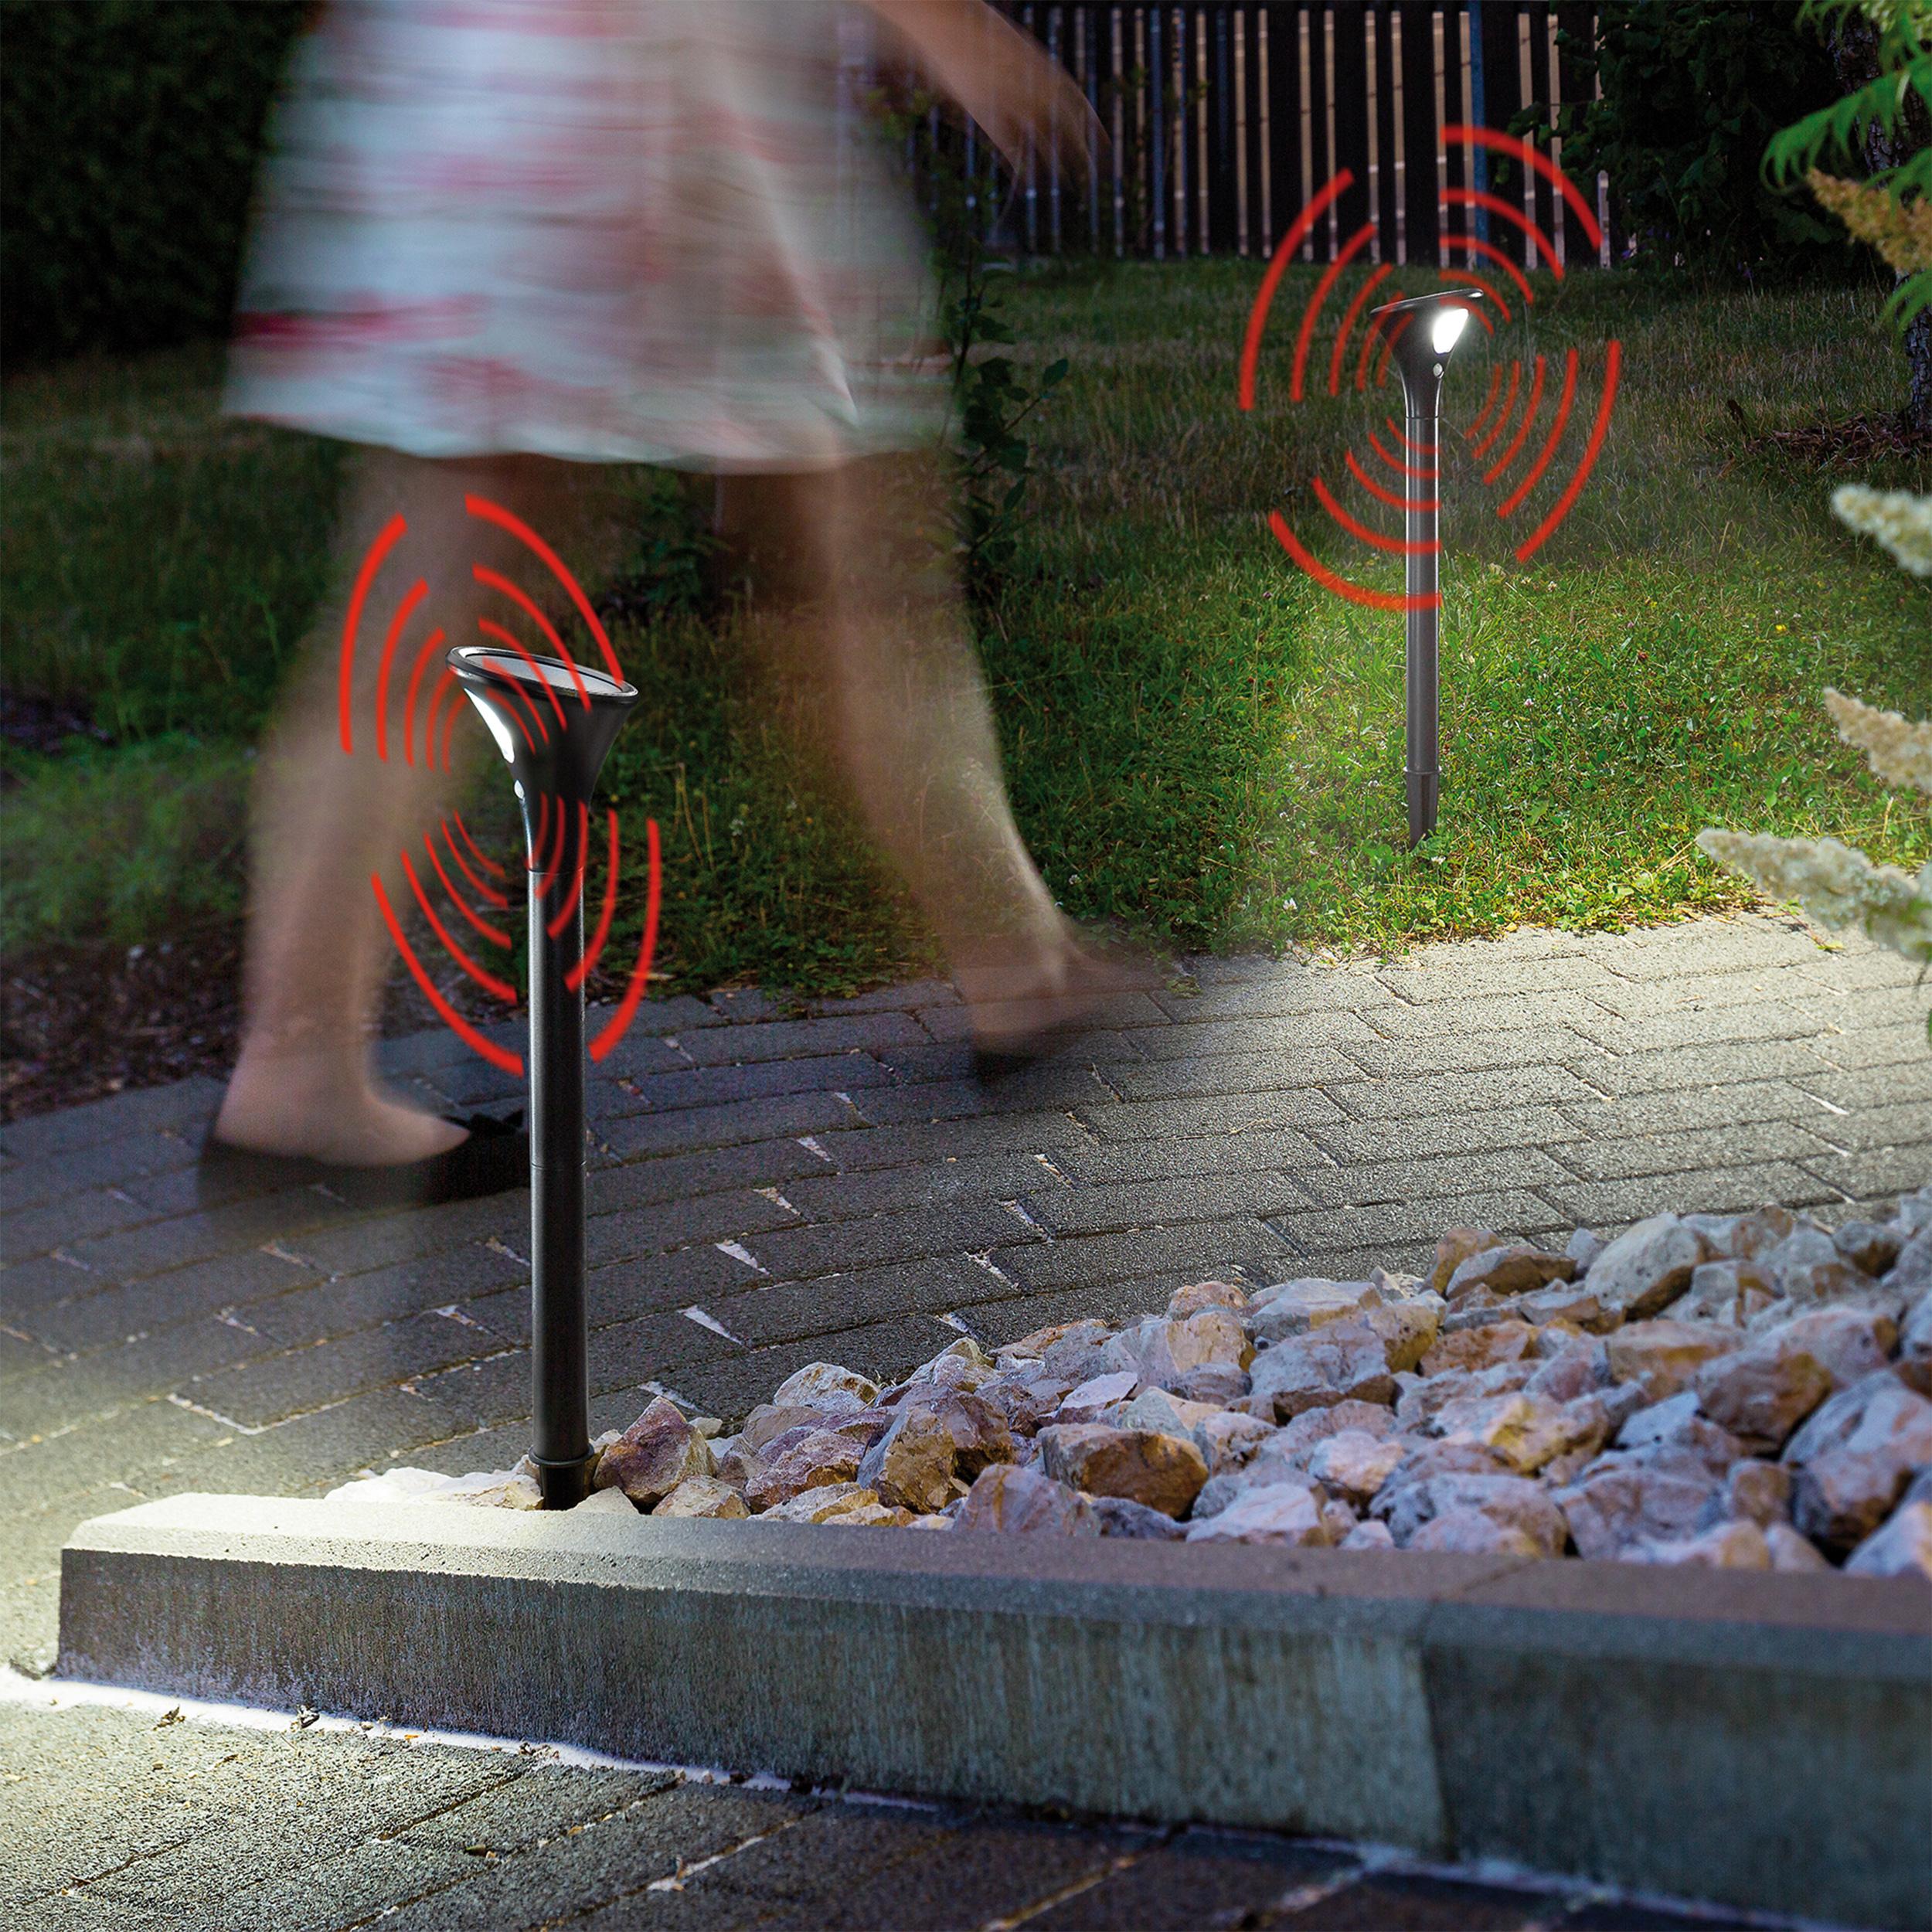 Wegeleuchten Garten Luxus solar Sensor Wegeleuchten topspot Im 2er Set